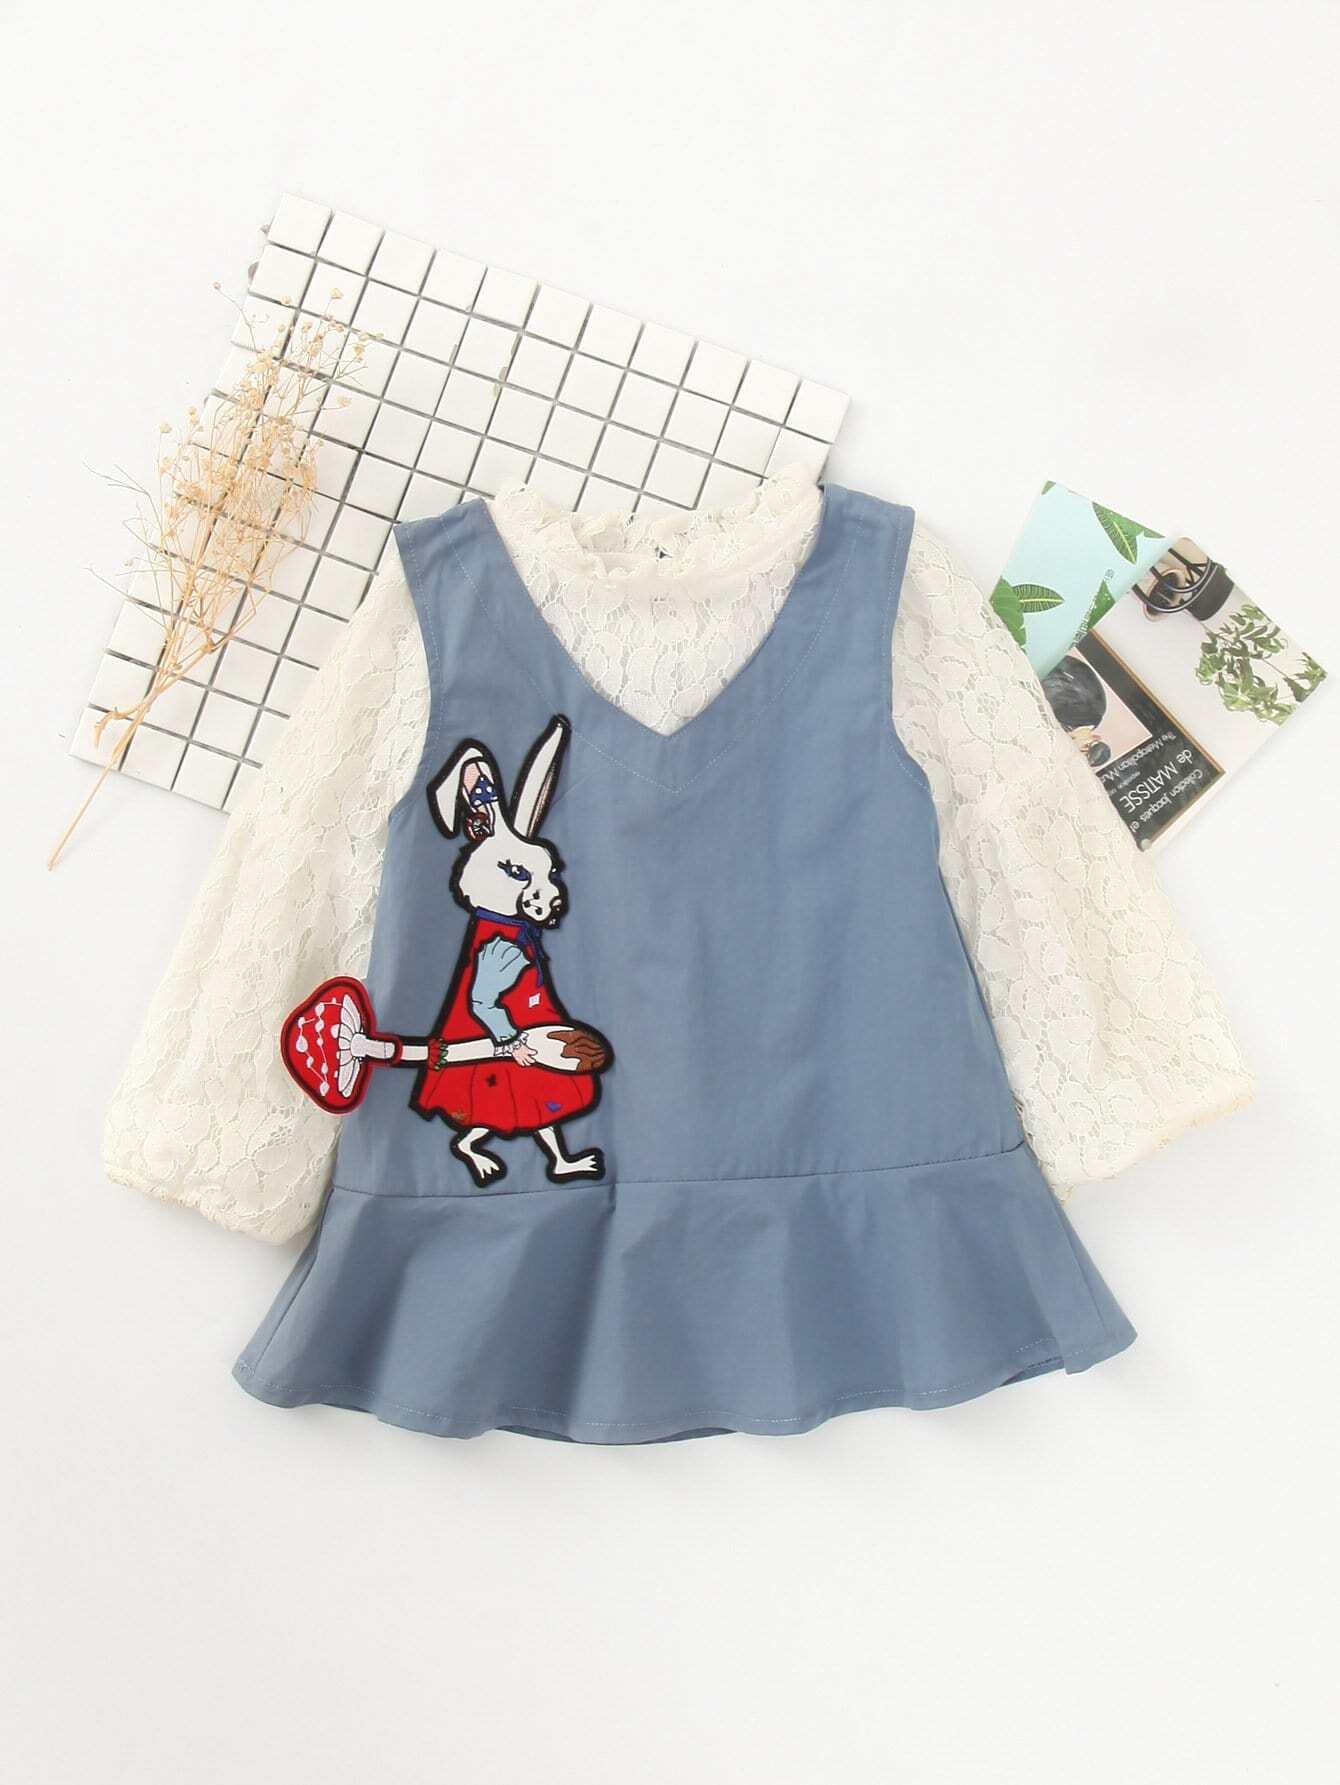 Купить Кружевный топ и платье с украшением заплаты кролика для девочки, null, SheIn